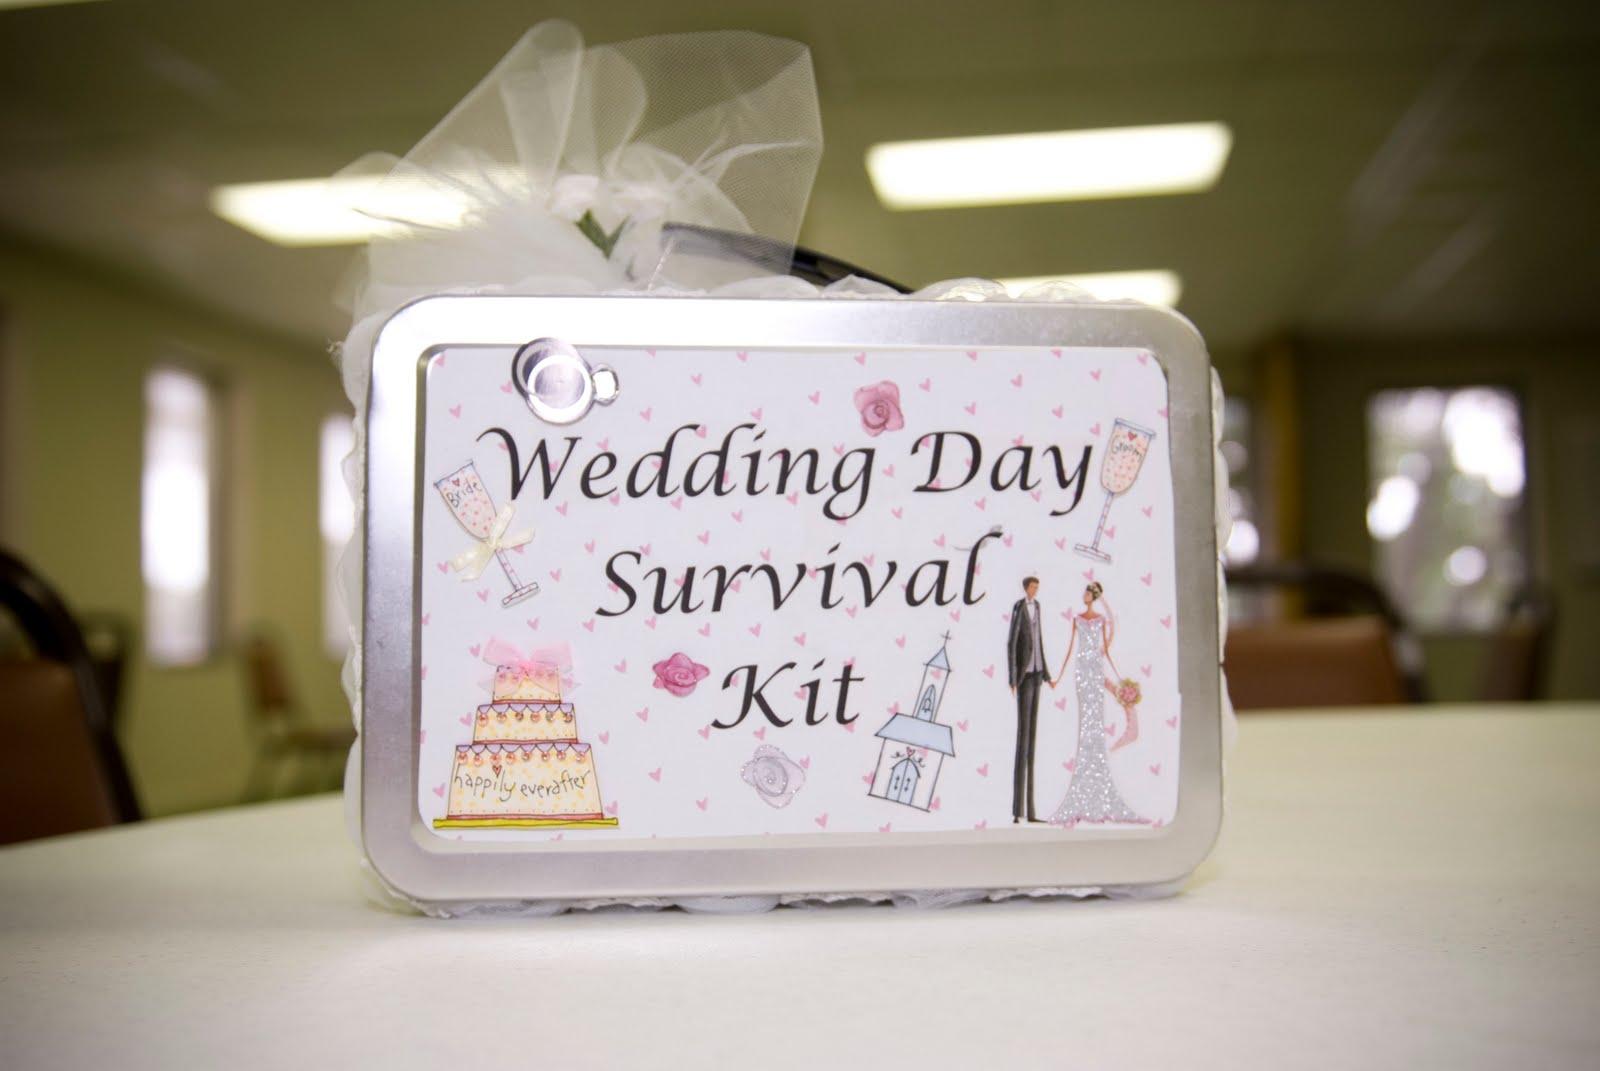 Craft Wedding Gifts: Full Of Craft: Wedding Week: Wedding Day Survival Kit